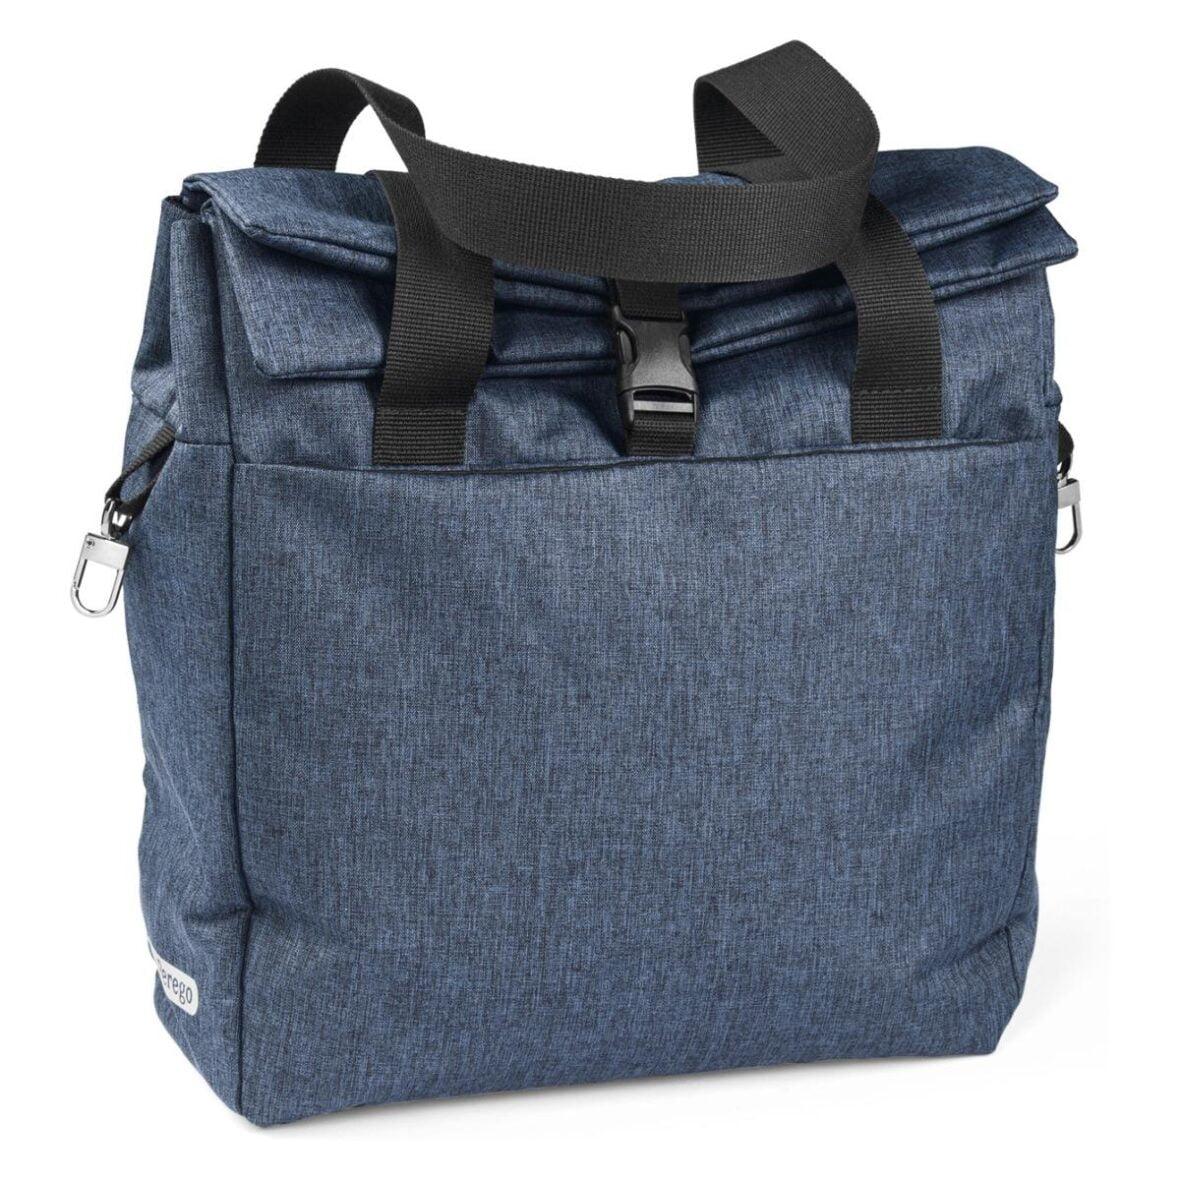 Peg Perego smart bag Indigo